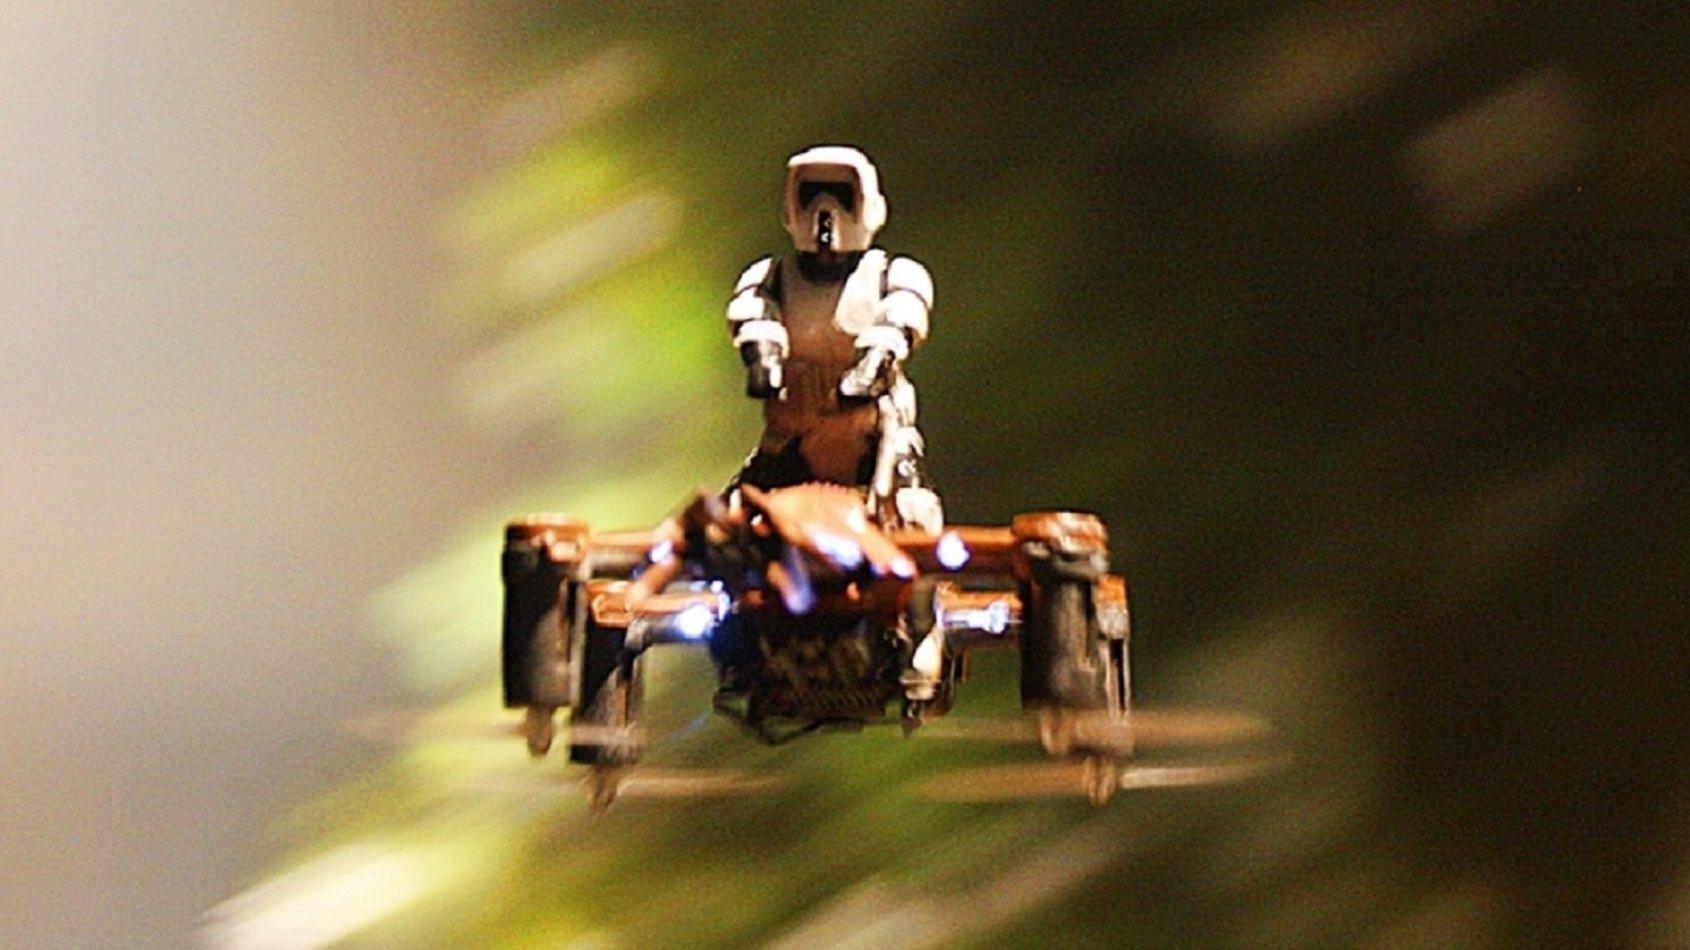 SWCE : Propels : De nouveaux drones bientôt disponibles